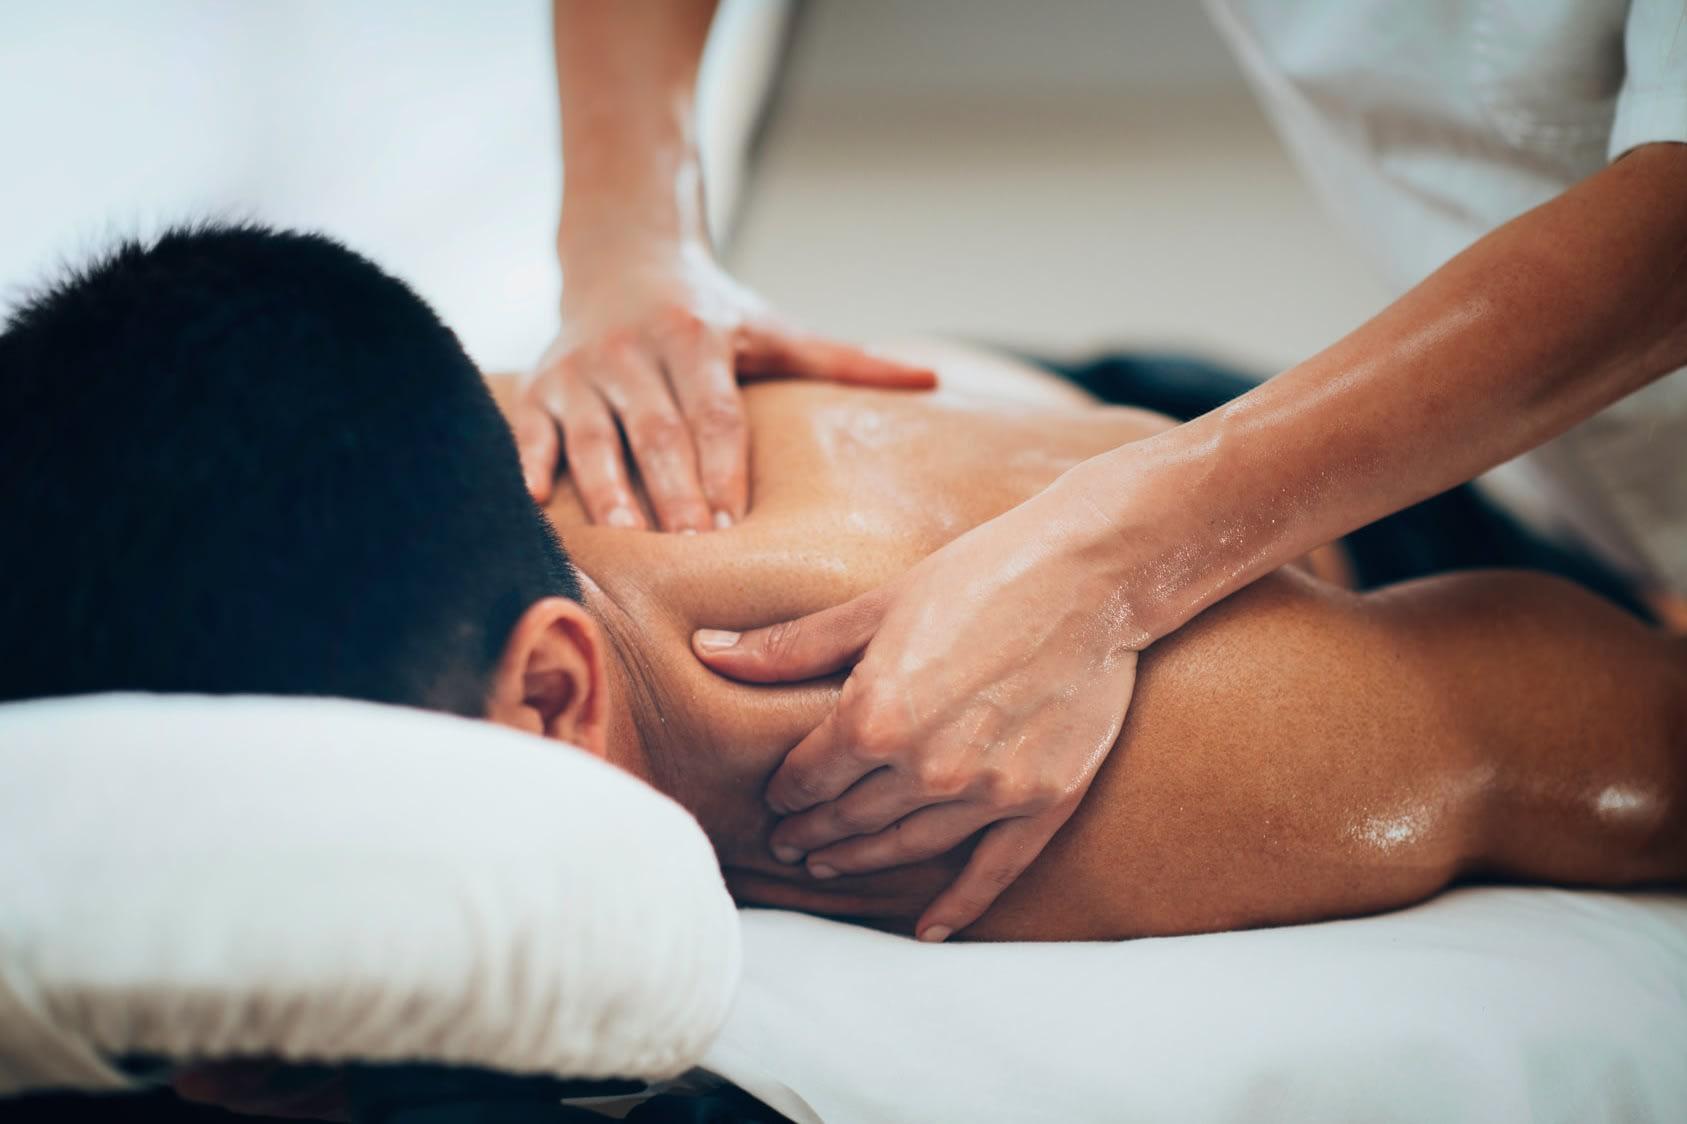 Body massage / waxing